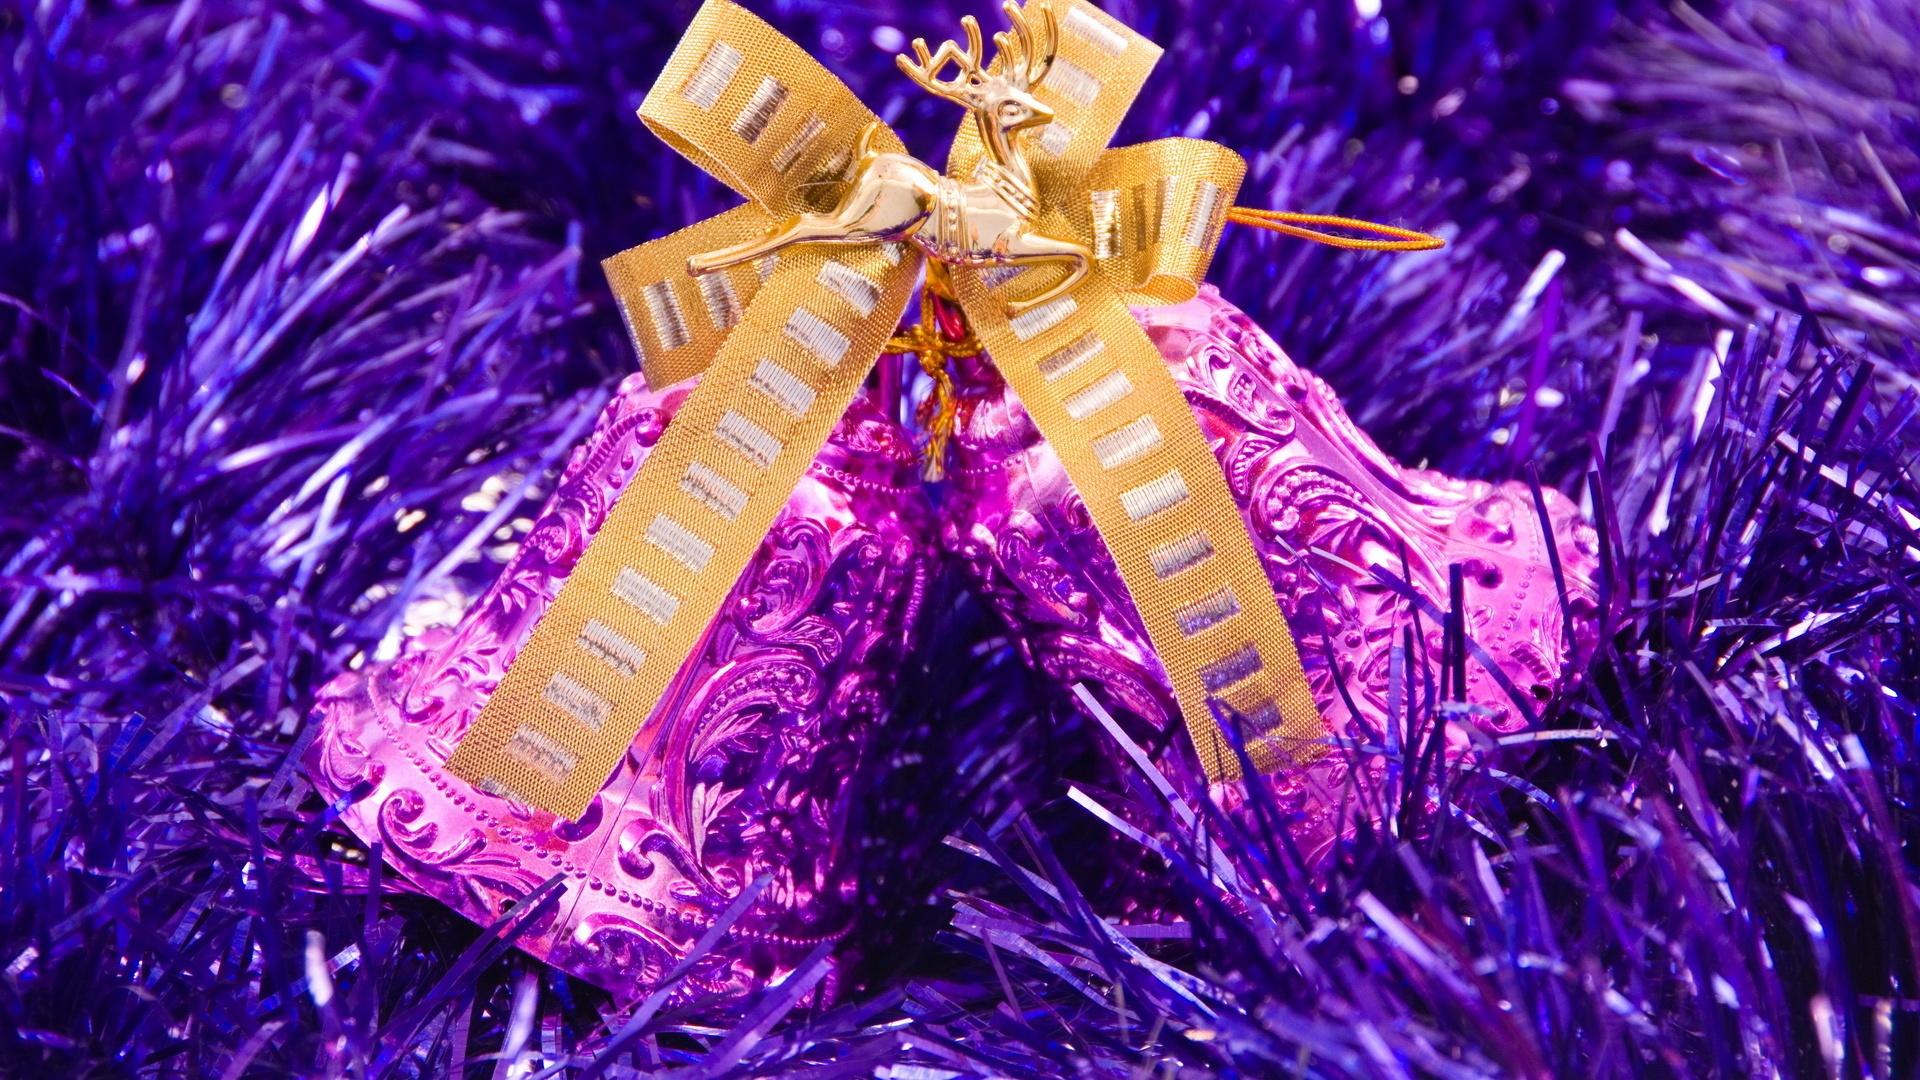 Die violetten glocken von weihnachten 1920x1200 hd - Purple christmas desktop wallpaper ...